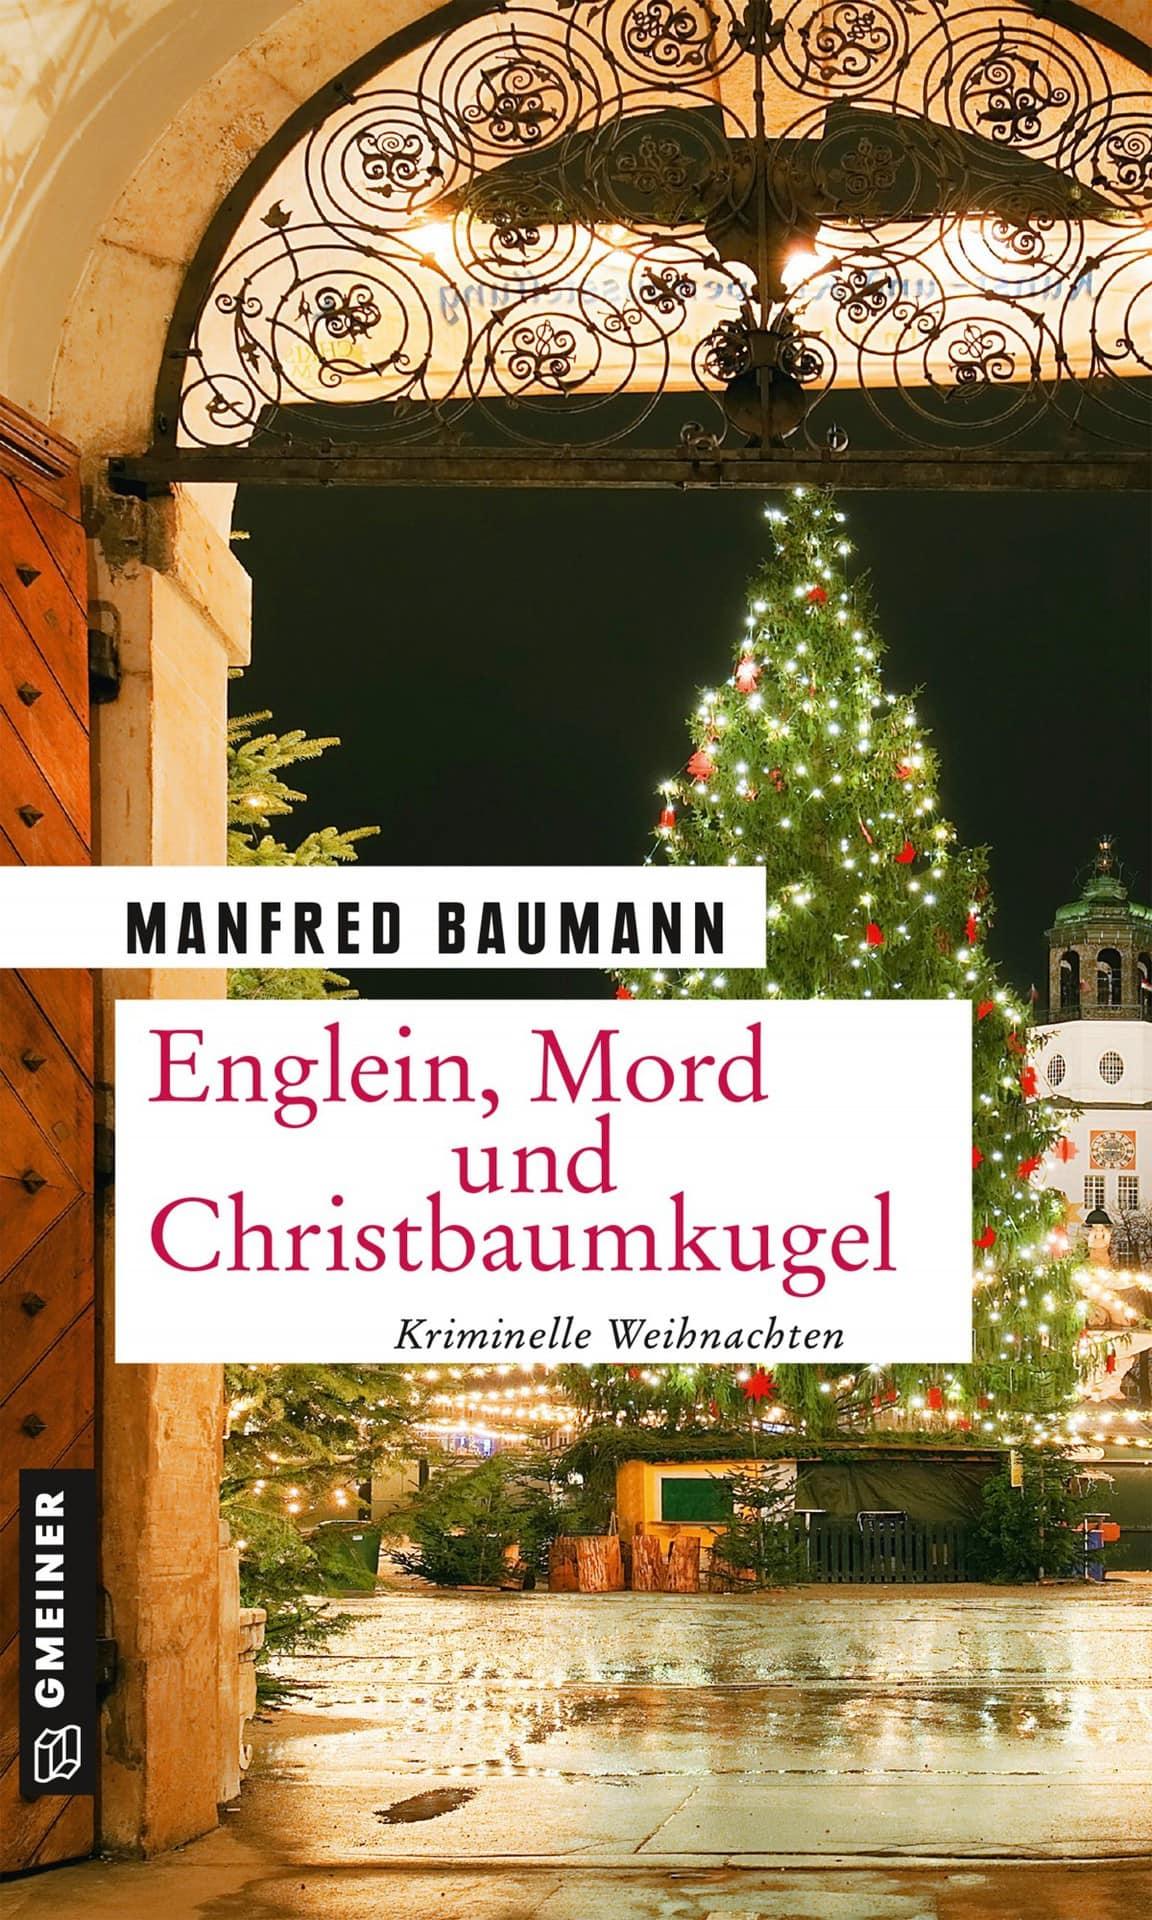 """Mörderischer Weihnachtszauber """"Englein, Mord und Christbaumkugel"""" - eine tolle Blizz-Verlosung vor Weihnachten"""